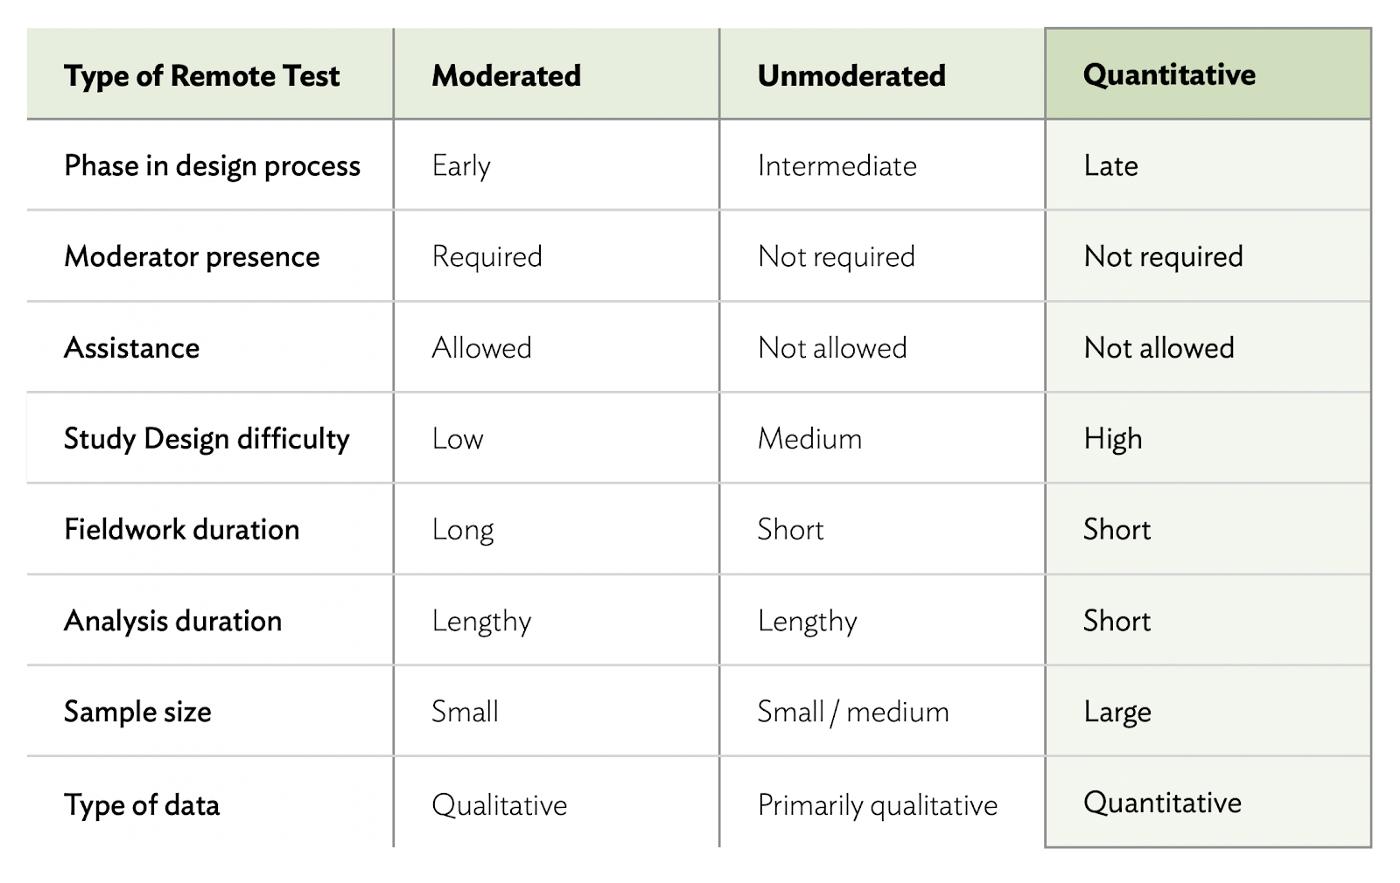 リモートテスト手法の比較(定量的リモートテスト)